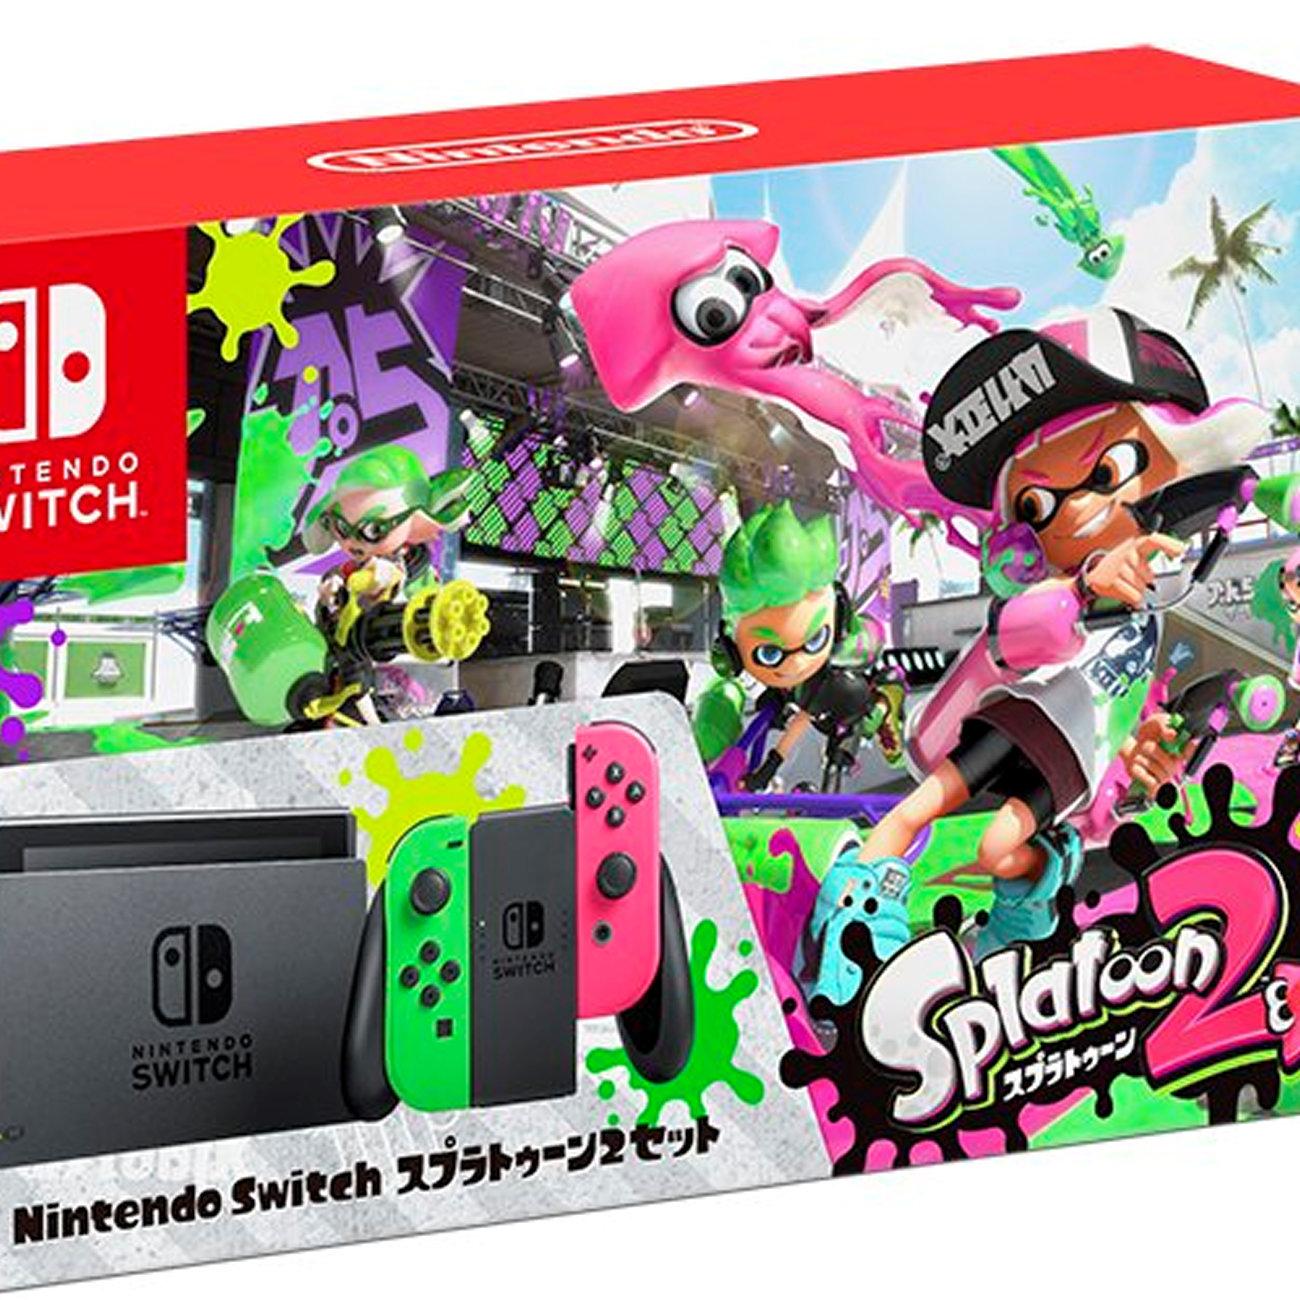 Nintendo Switch スプラトゥーン2セット、再販。特典